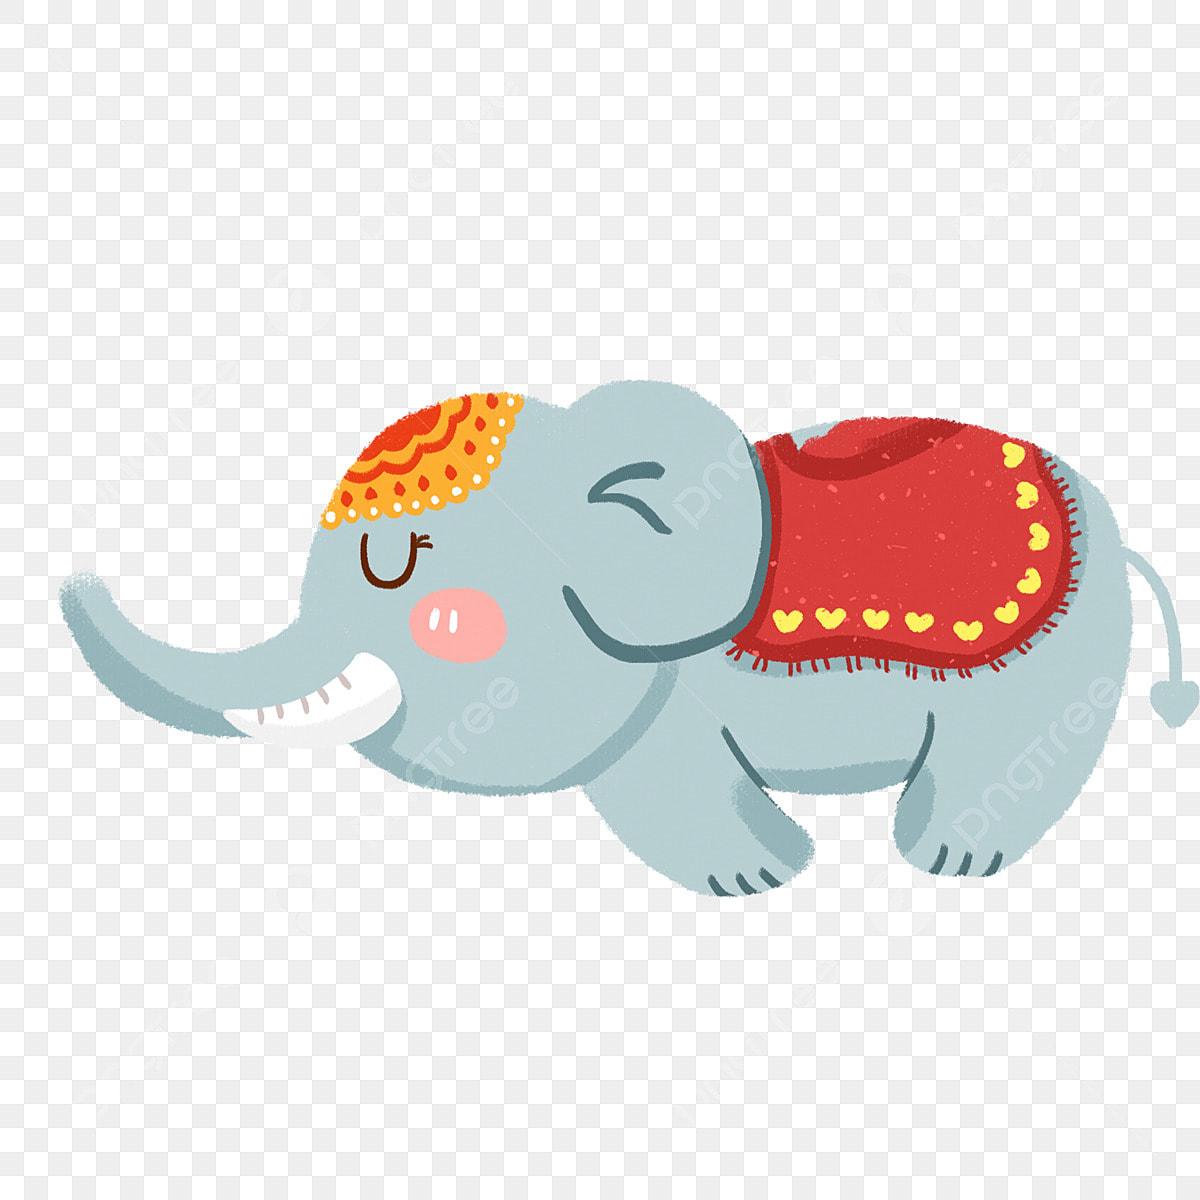 赤いサーカス 漫画の動物 動物イラスト かわいい動物 動物の公演